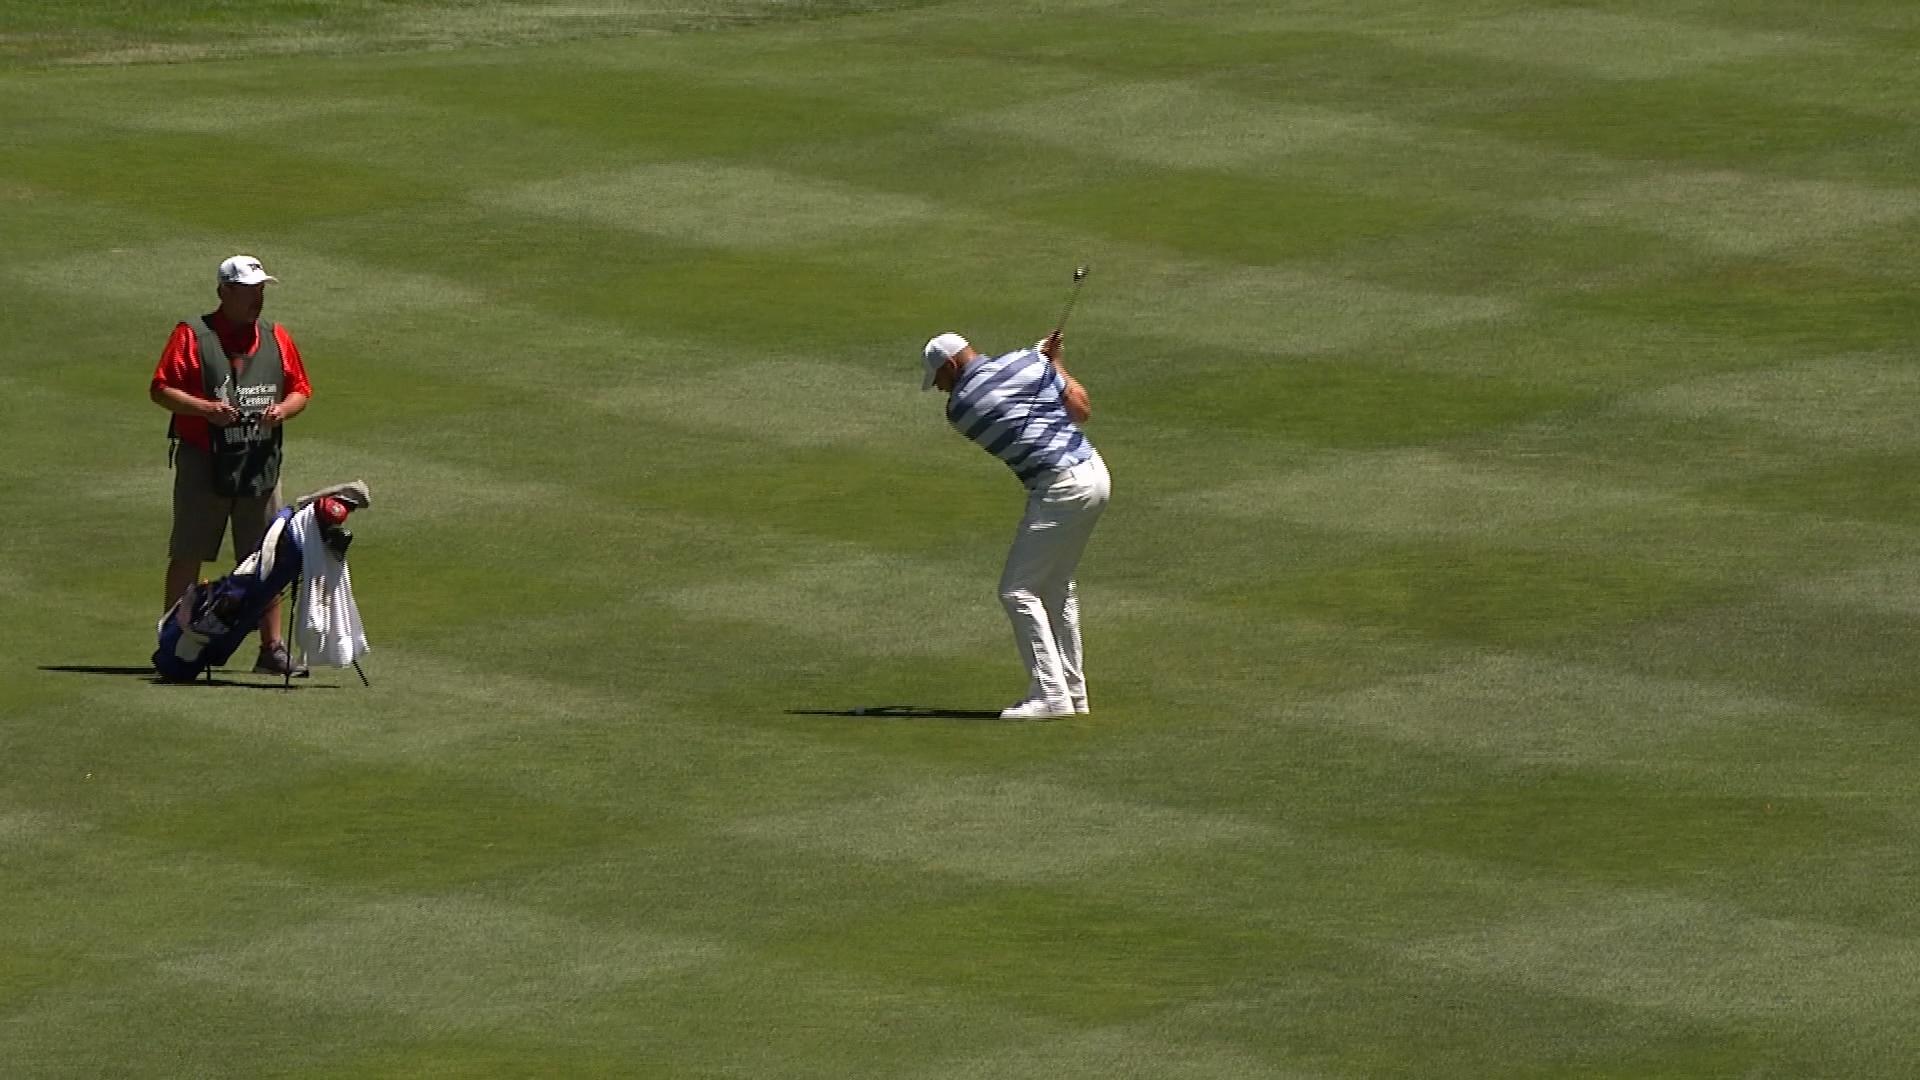 http://golfchannel-a.akamaihd.net/ramp/601/987/URLACHER_072216.jpg